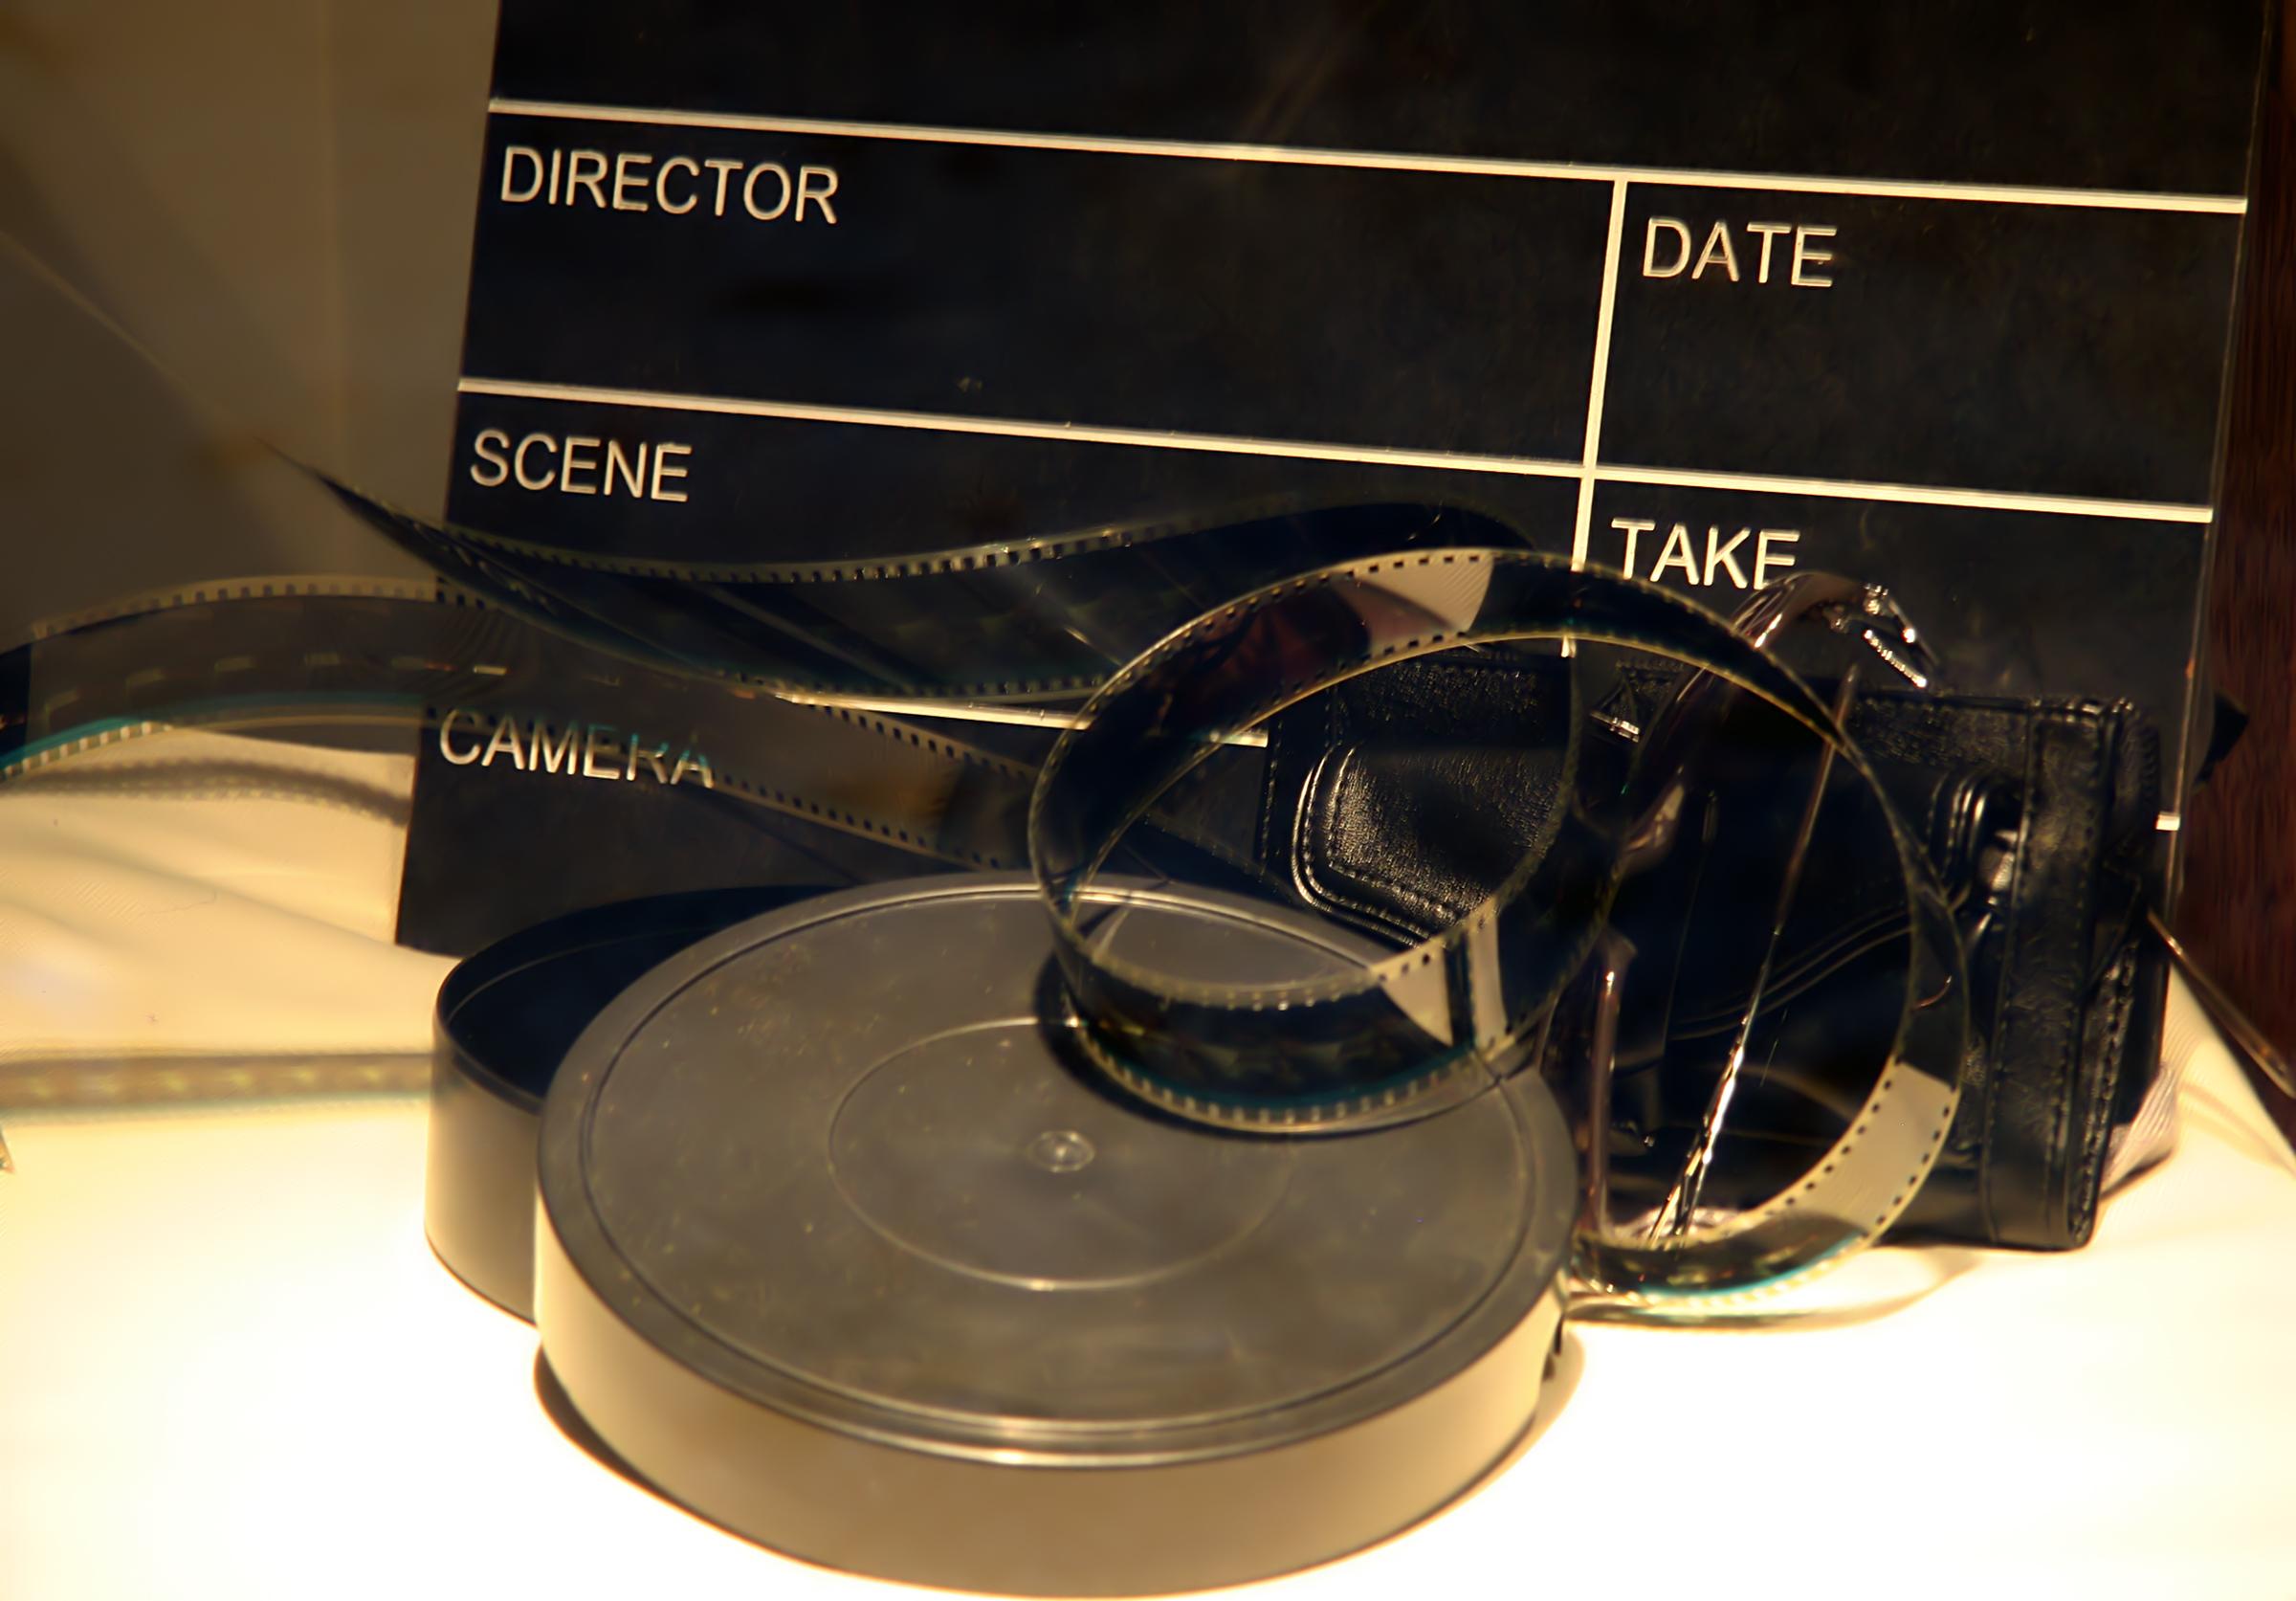 как сохранить кадр из фильма как фото